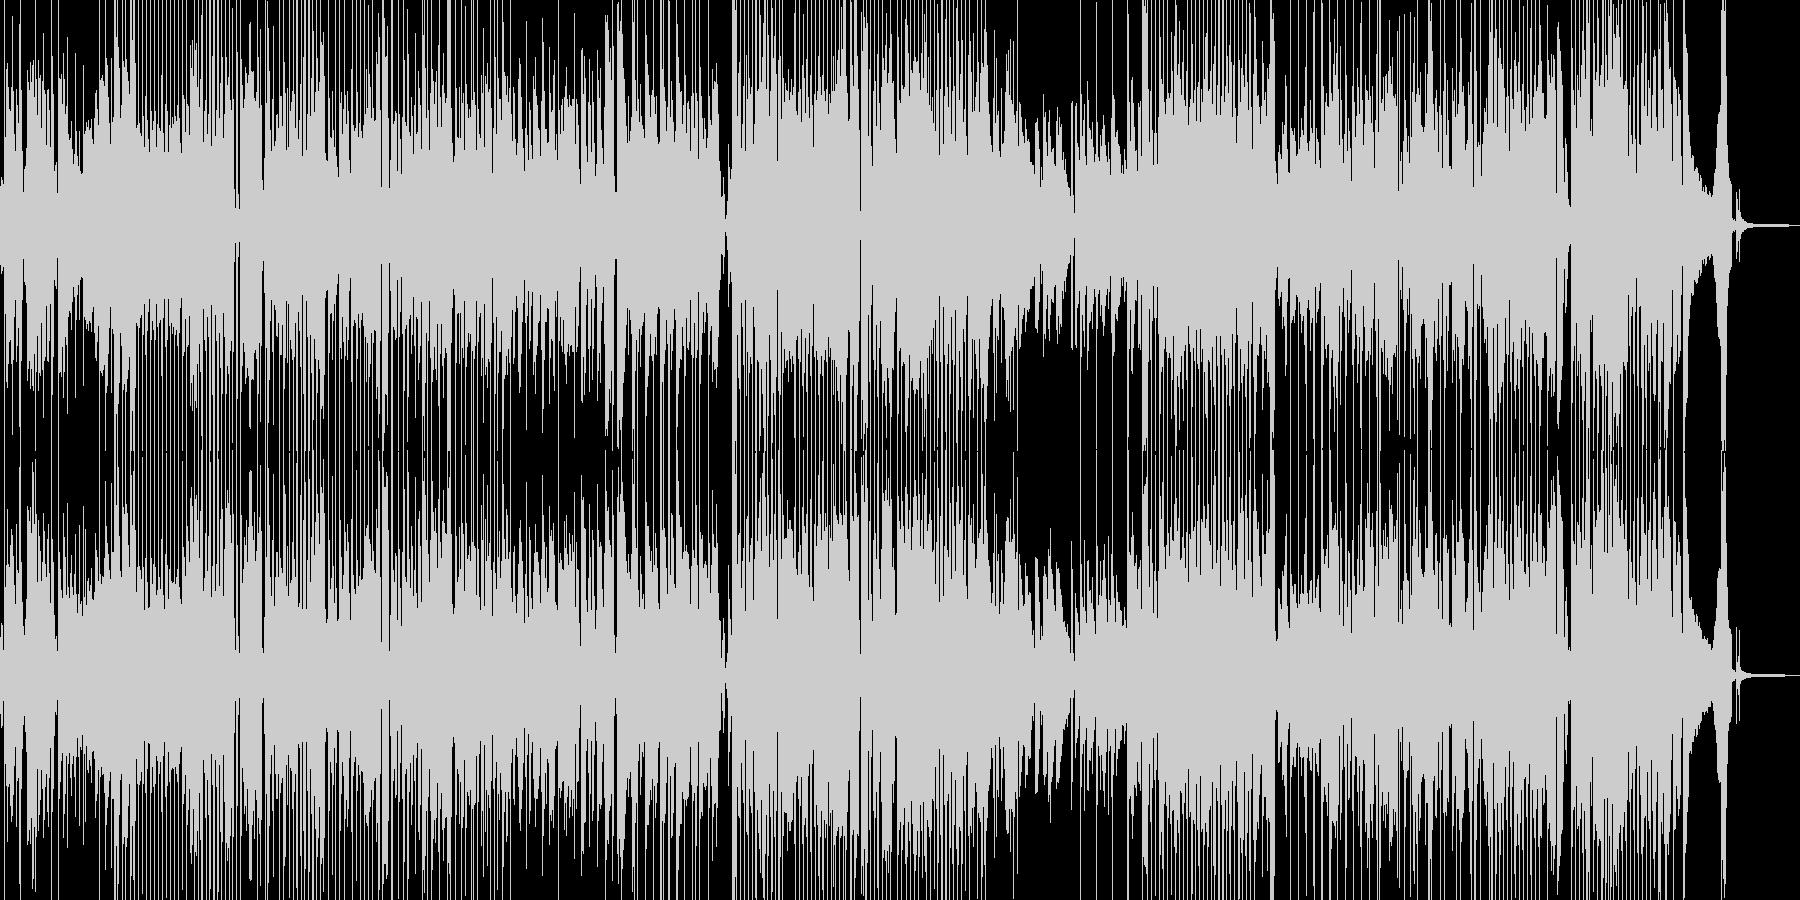 前向きで明るい気持ちになるジャズ ★Sの未再生の波形